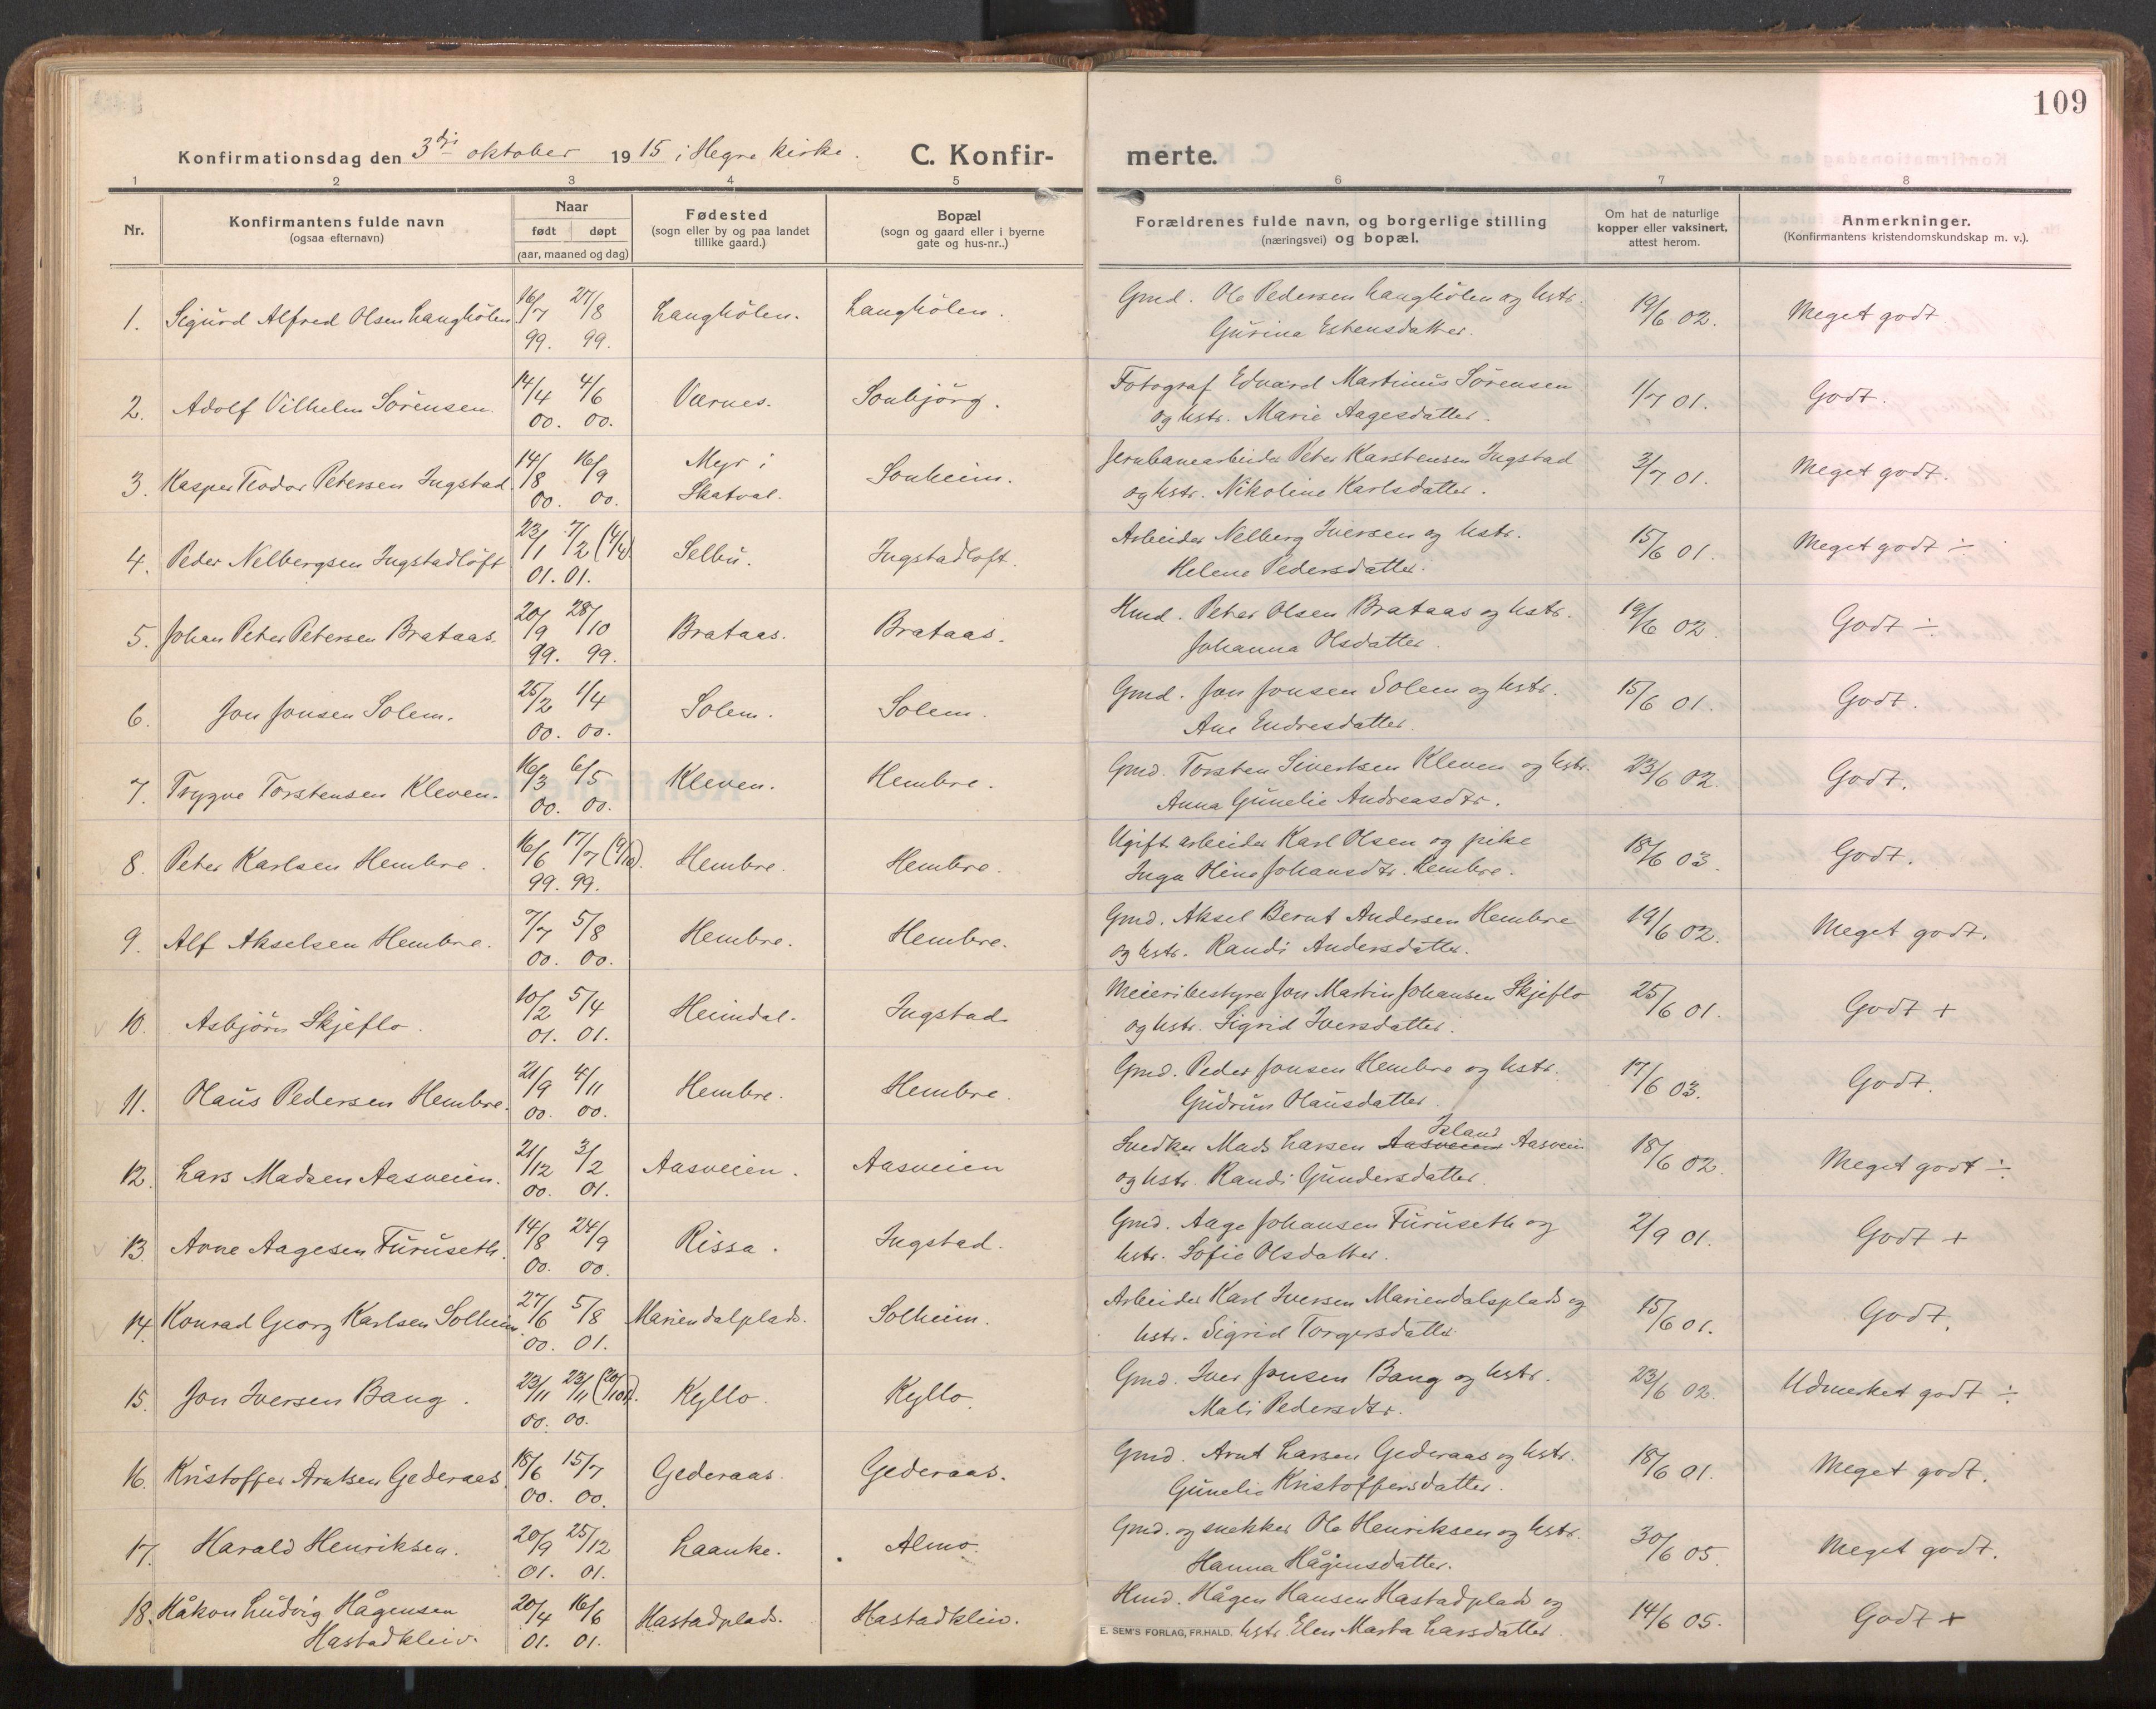 SAT, Ministerialprotokoller, klokkerbøker og fødselsregistre - Nord-Trøndelag, 703/L0037: Parish register (official) no. 703A10, 1915-1932, p. 109